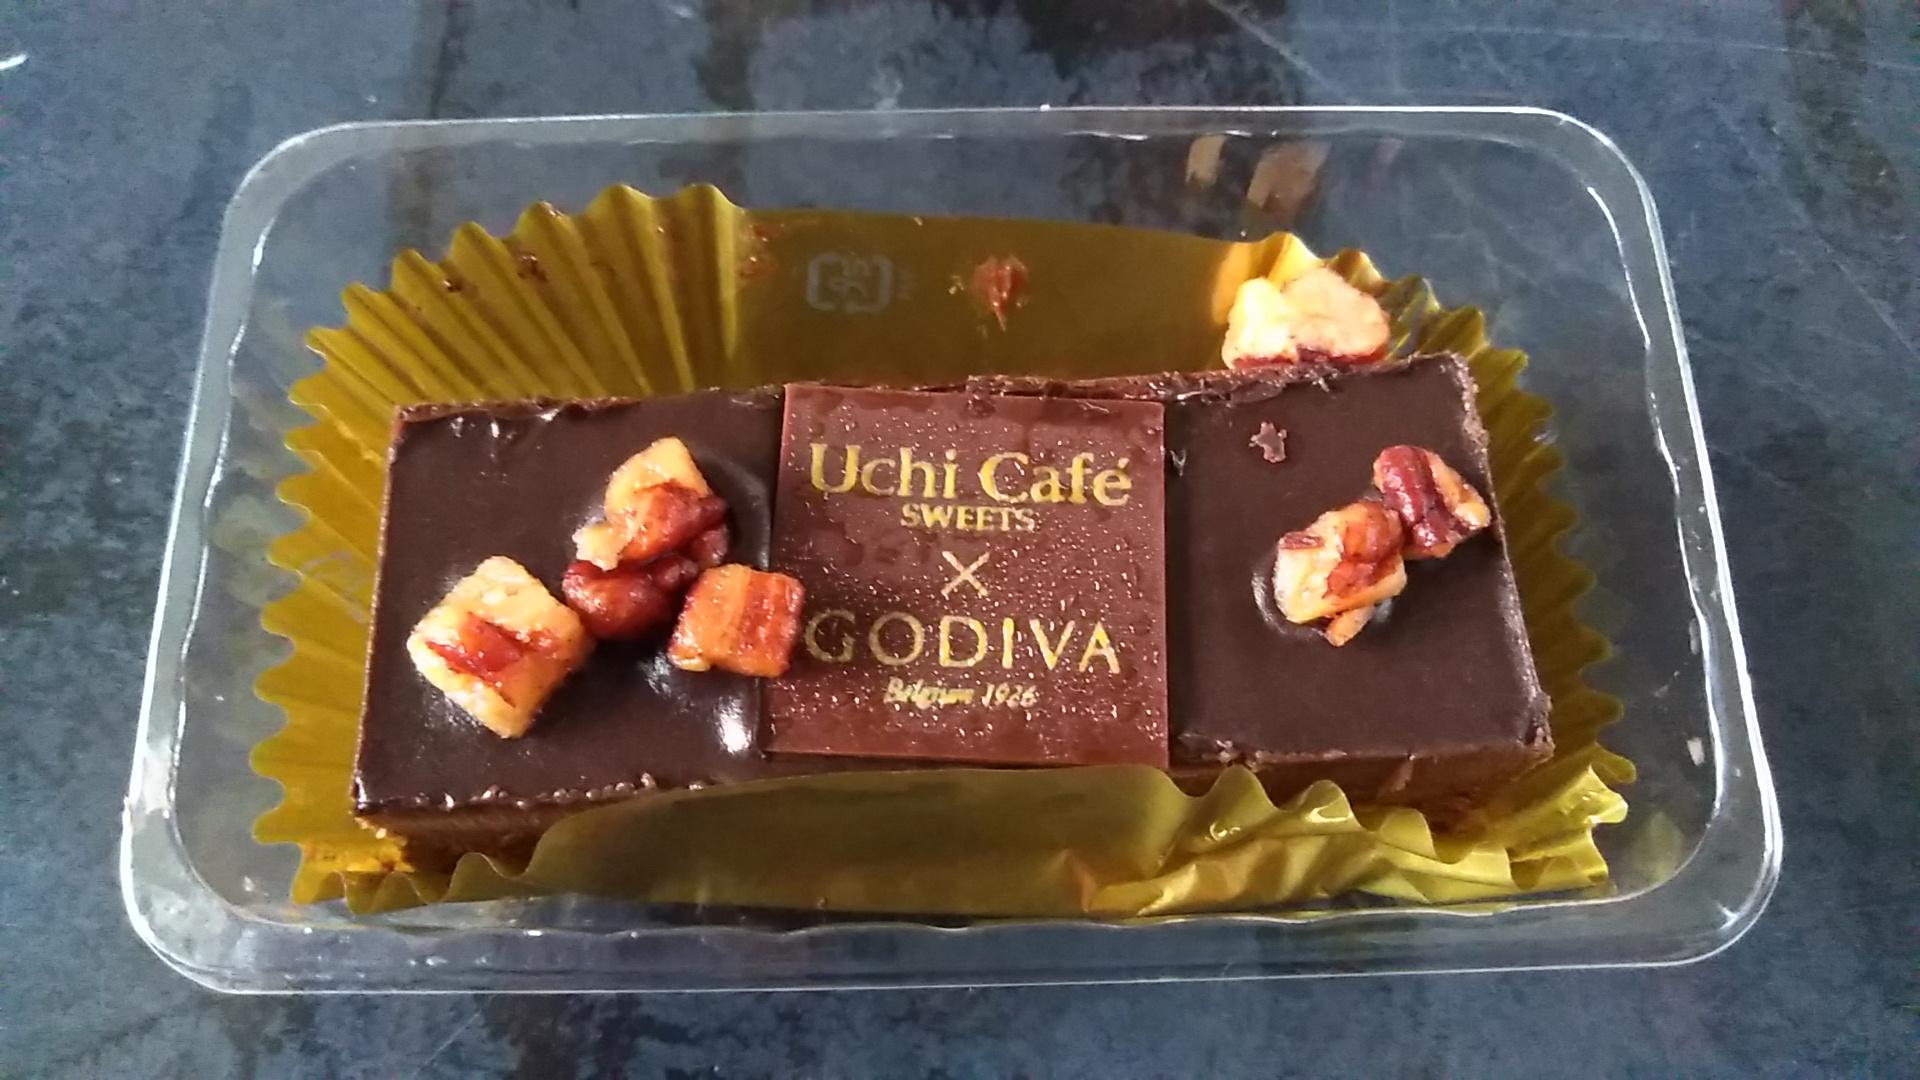 ゴディバのショコラケーキ